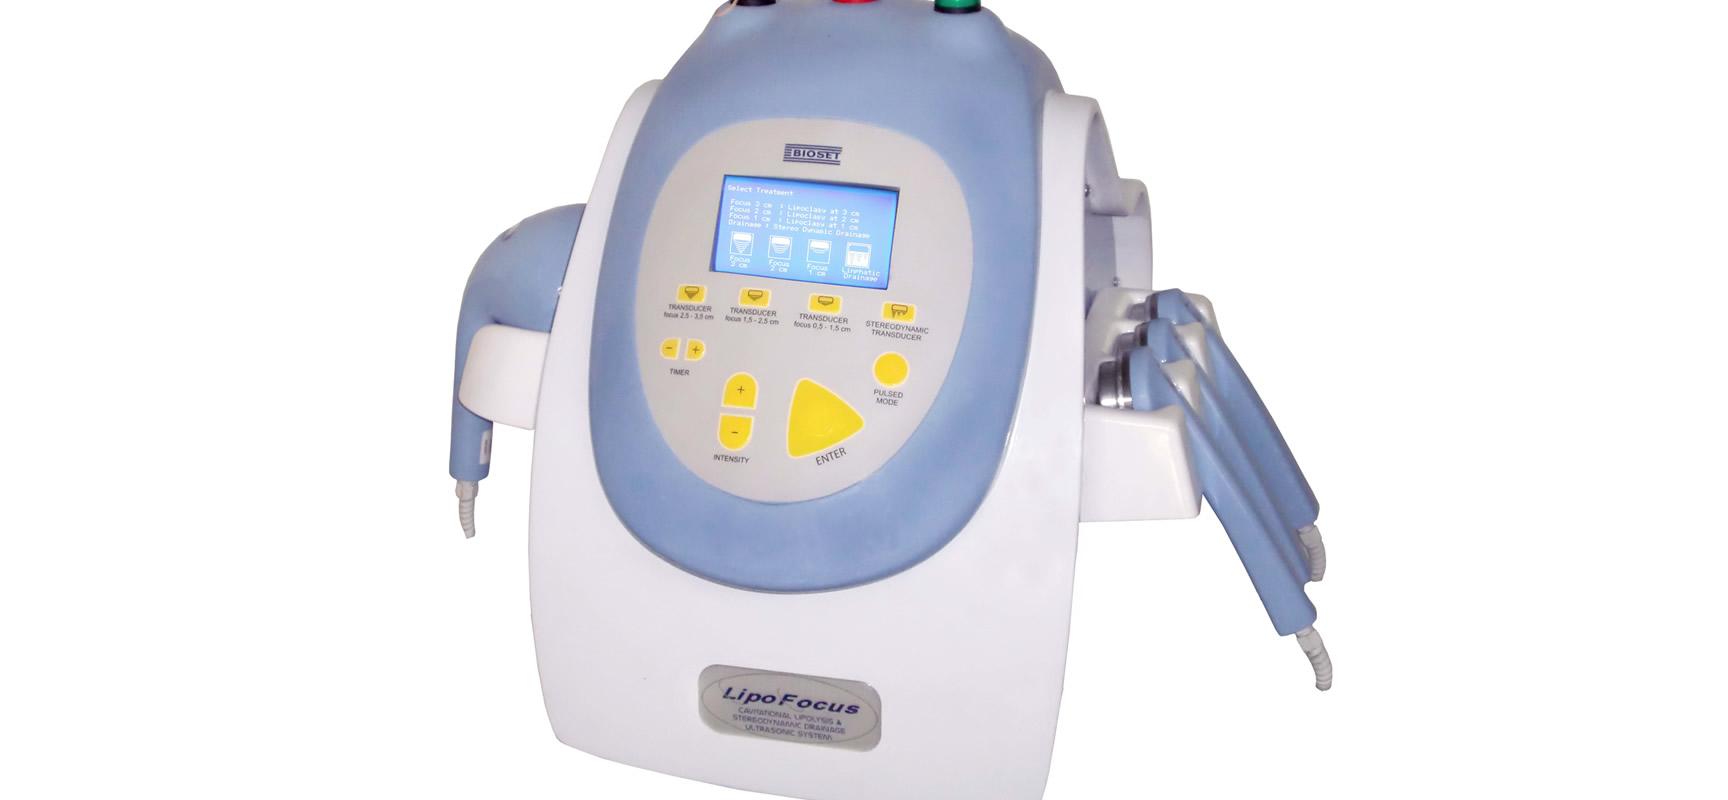 Lipofocus - Ultracavitação e Lipocavitação | Bioset